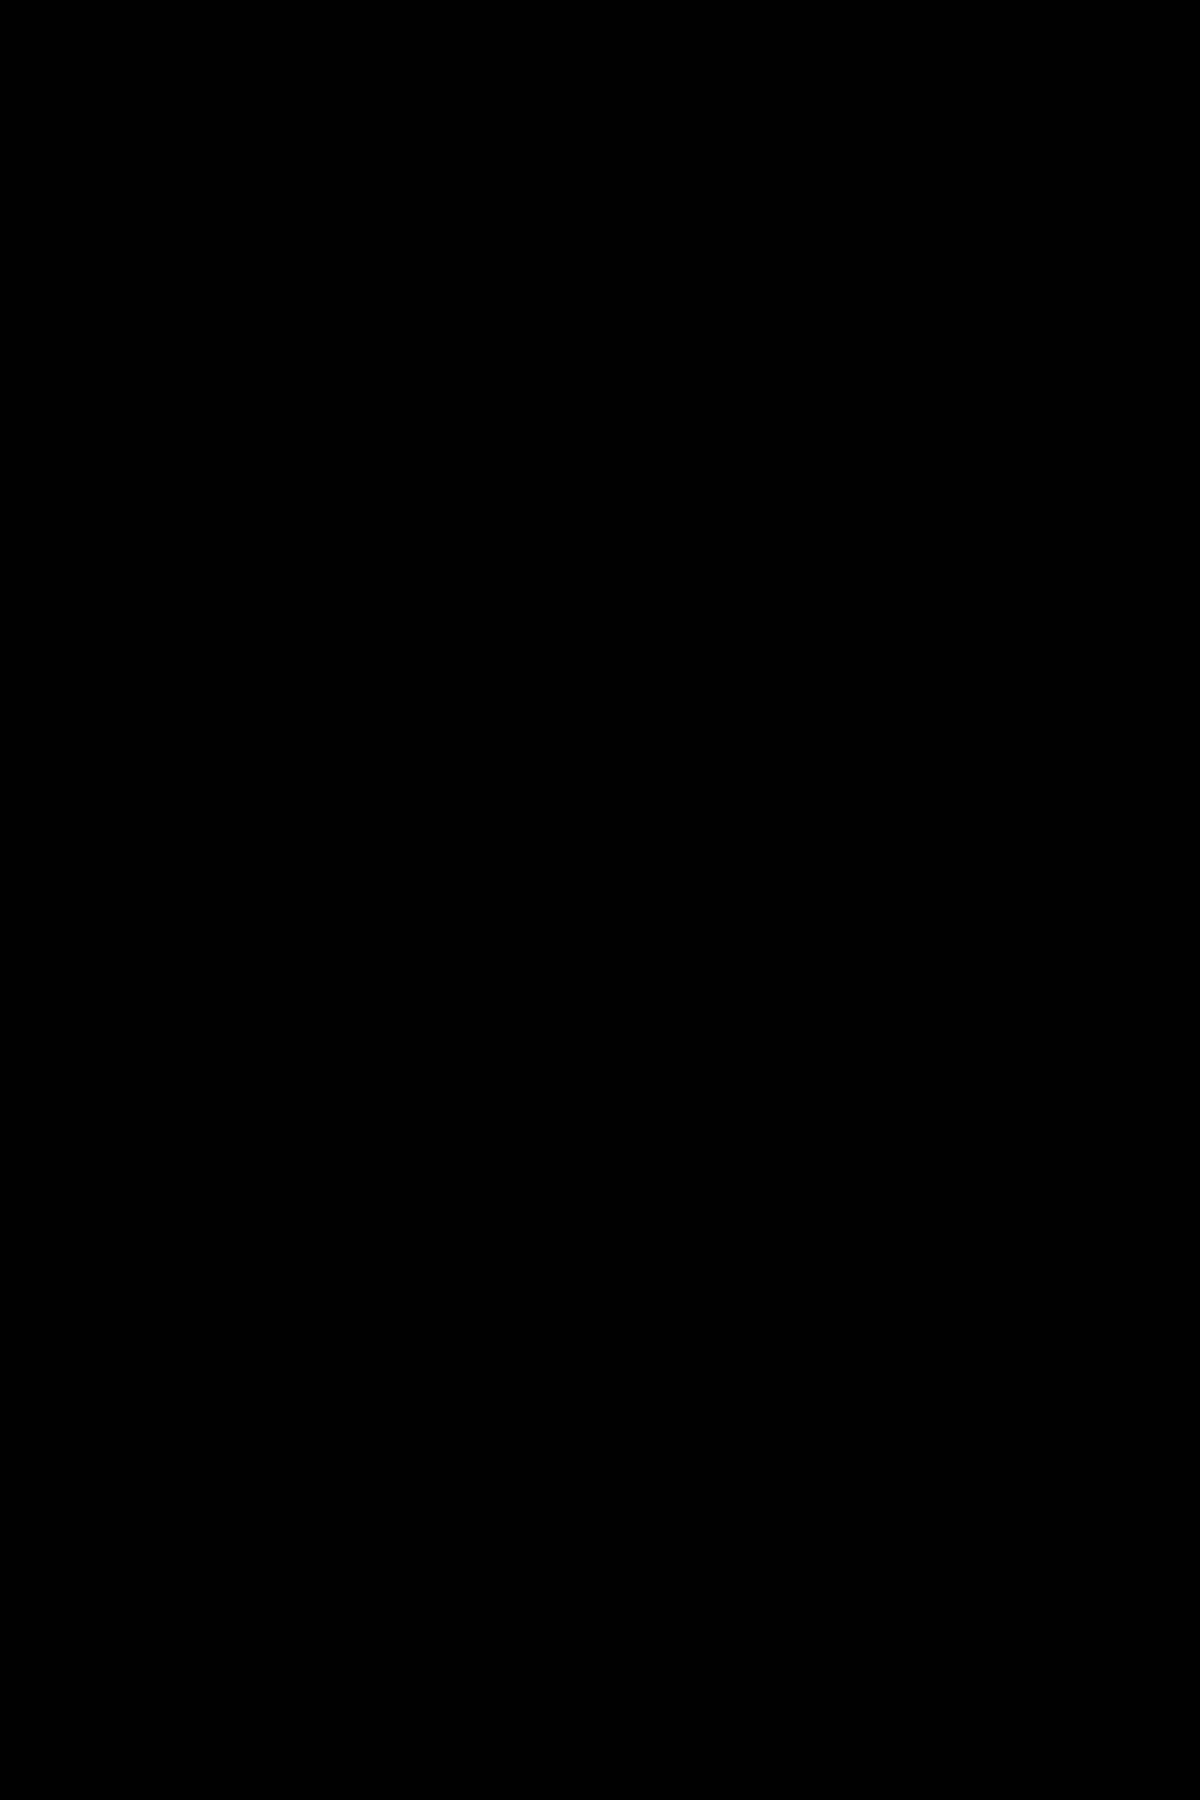 Brigitte Wig by Estetica Designs Monofilament Top